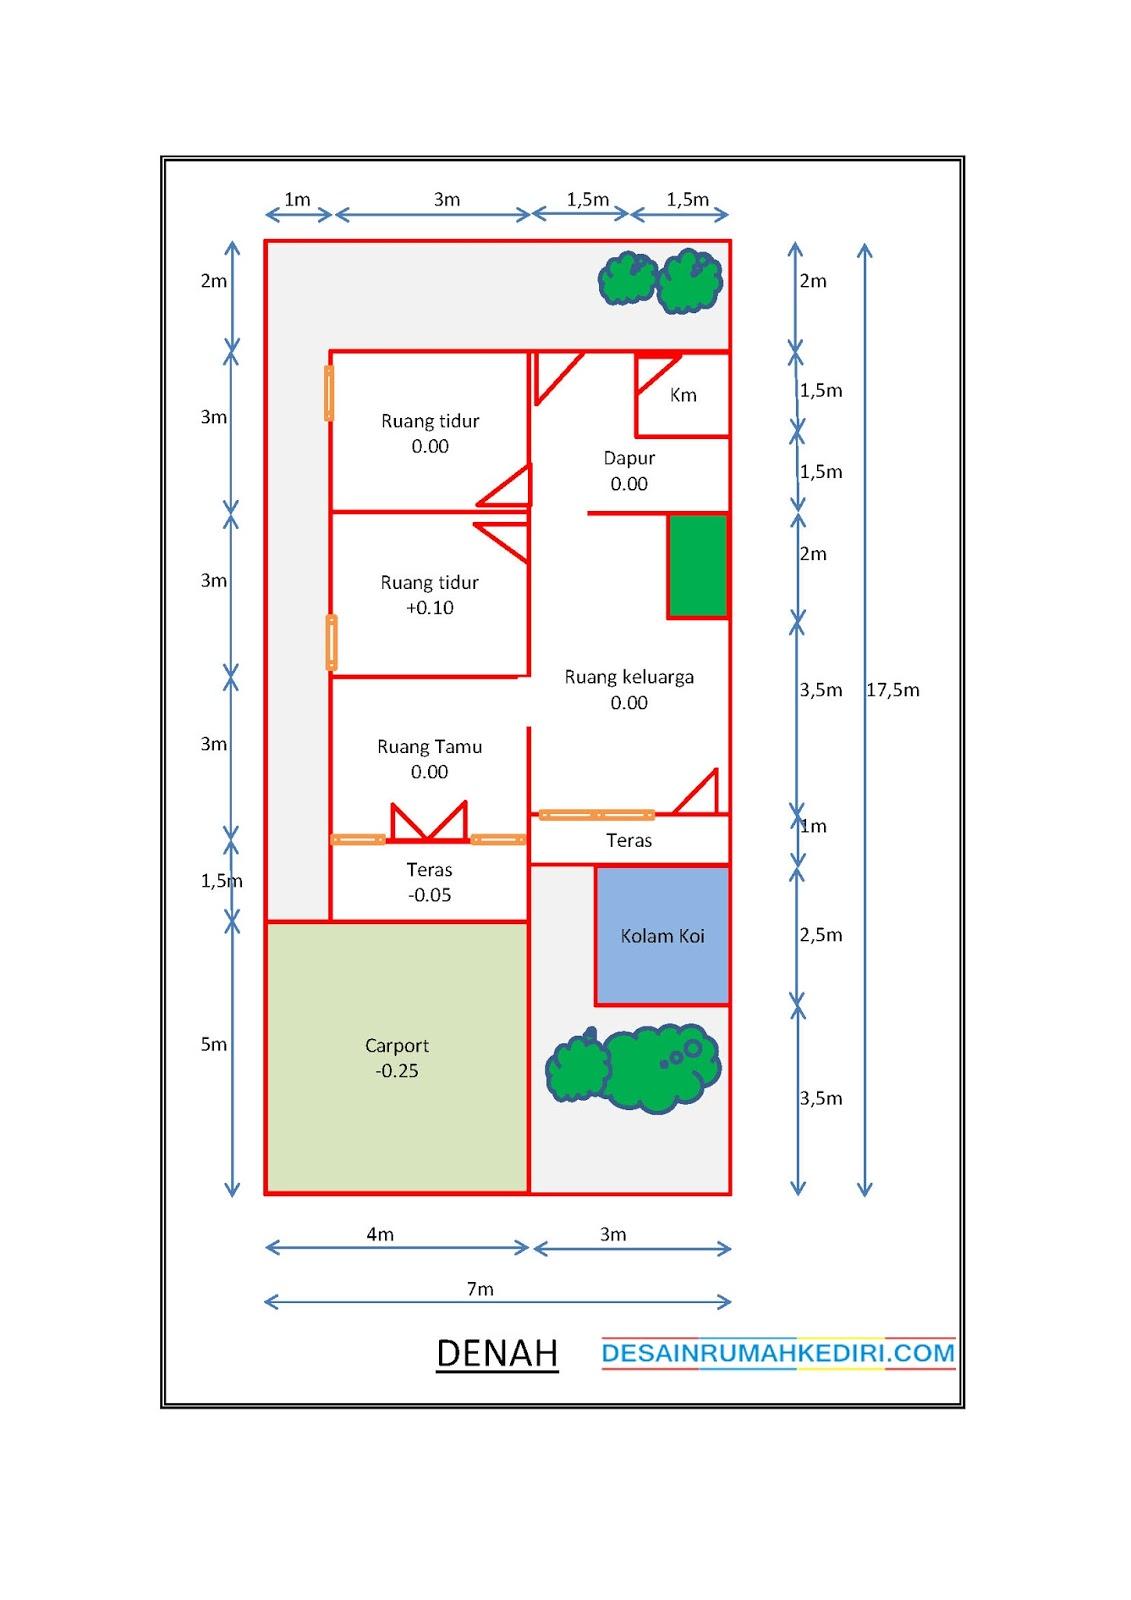 Tutorial Membuat Desain Denah Rumah Sendiri Menggunakan